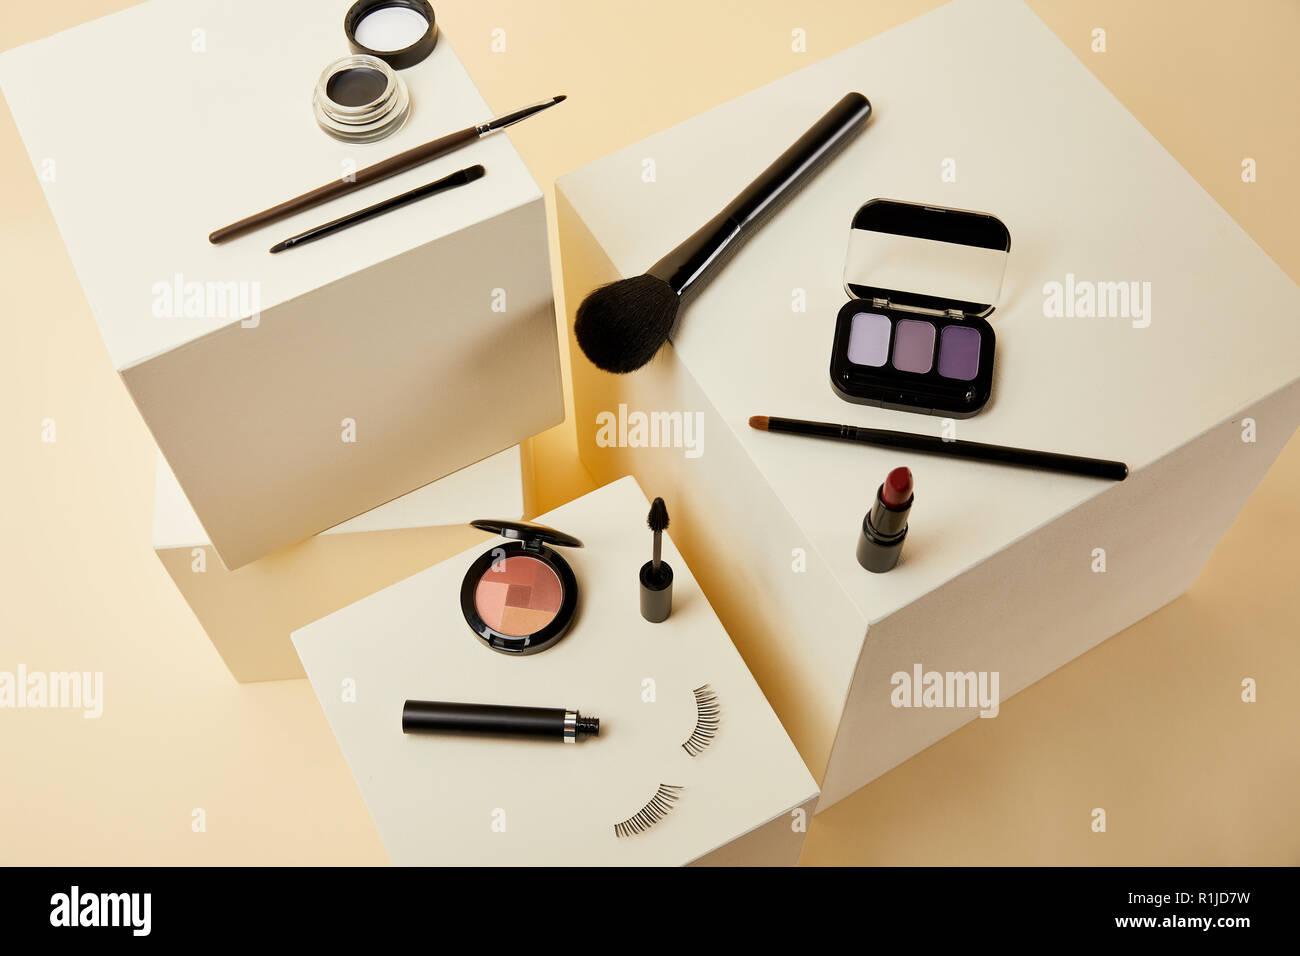 Un alto ángulo de visualización de diversos accesorios para maquillaje en cubos de color beige Foto de stock